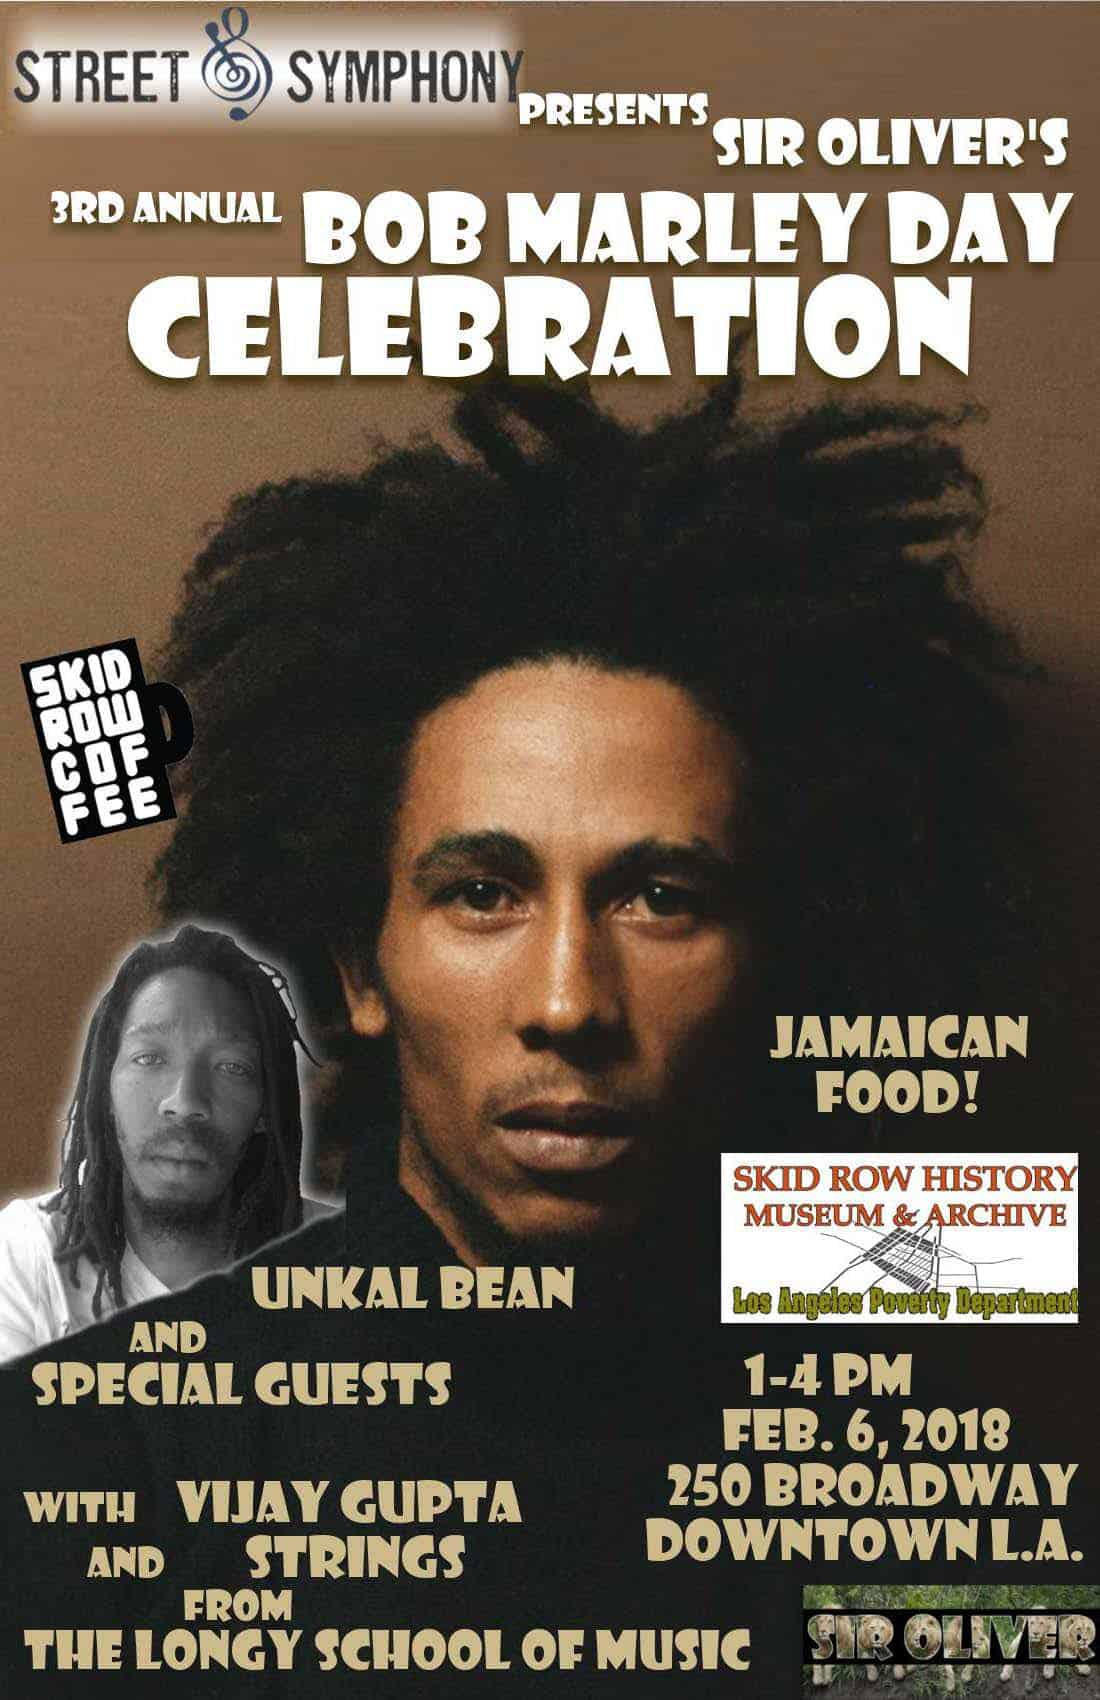 3rd annual Bob Marley Day Celebration